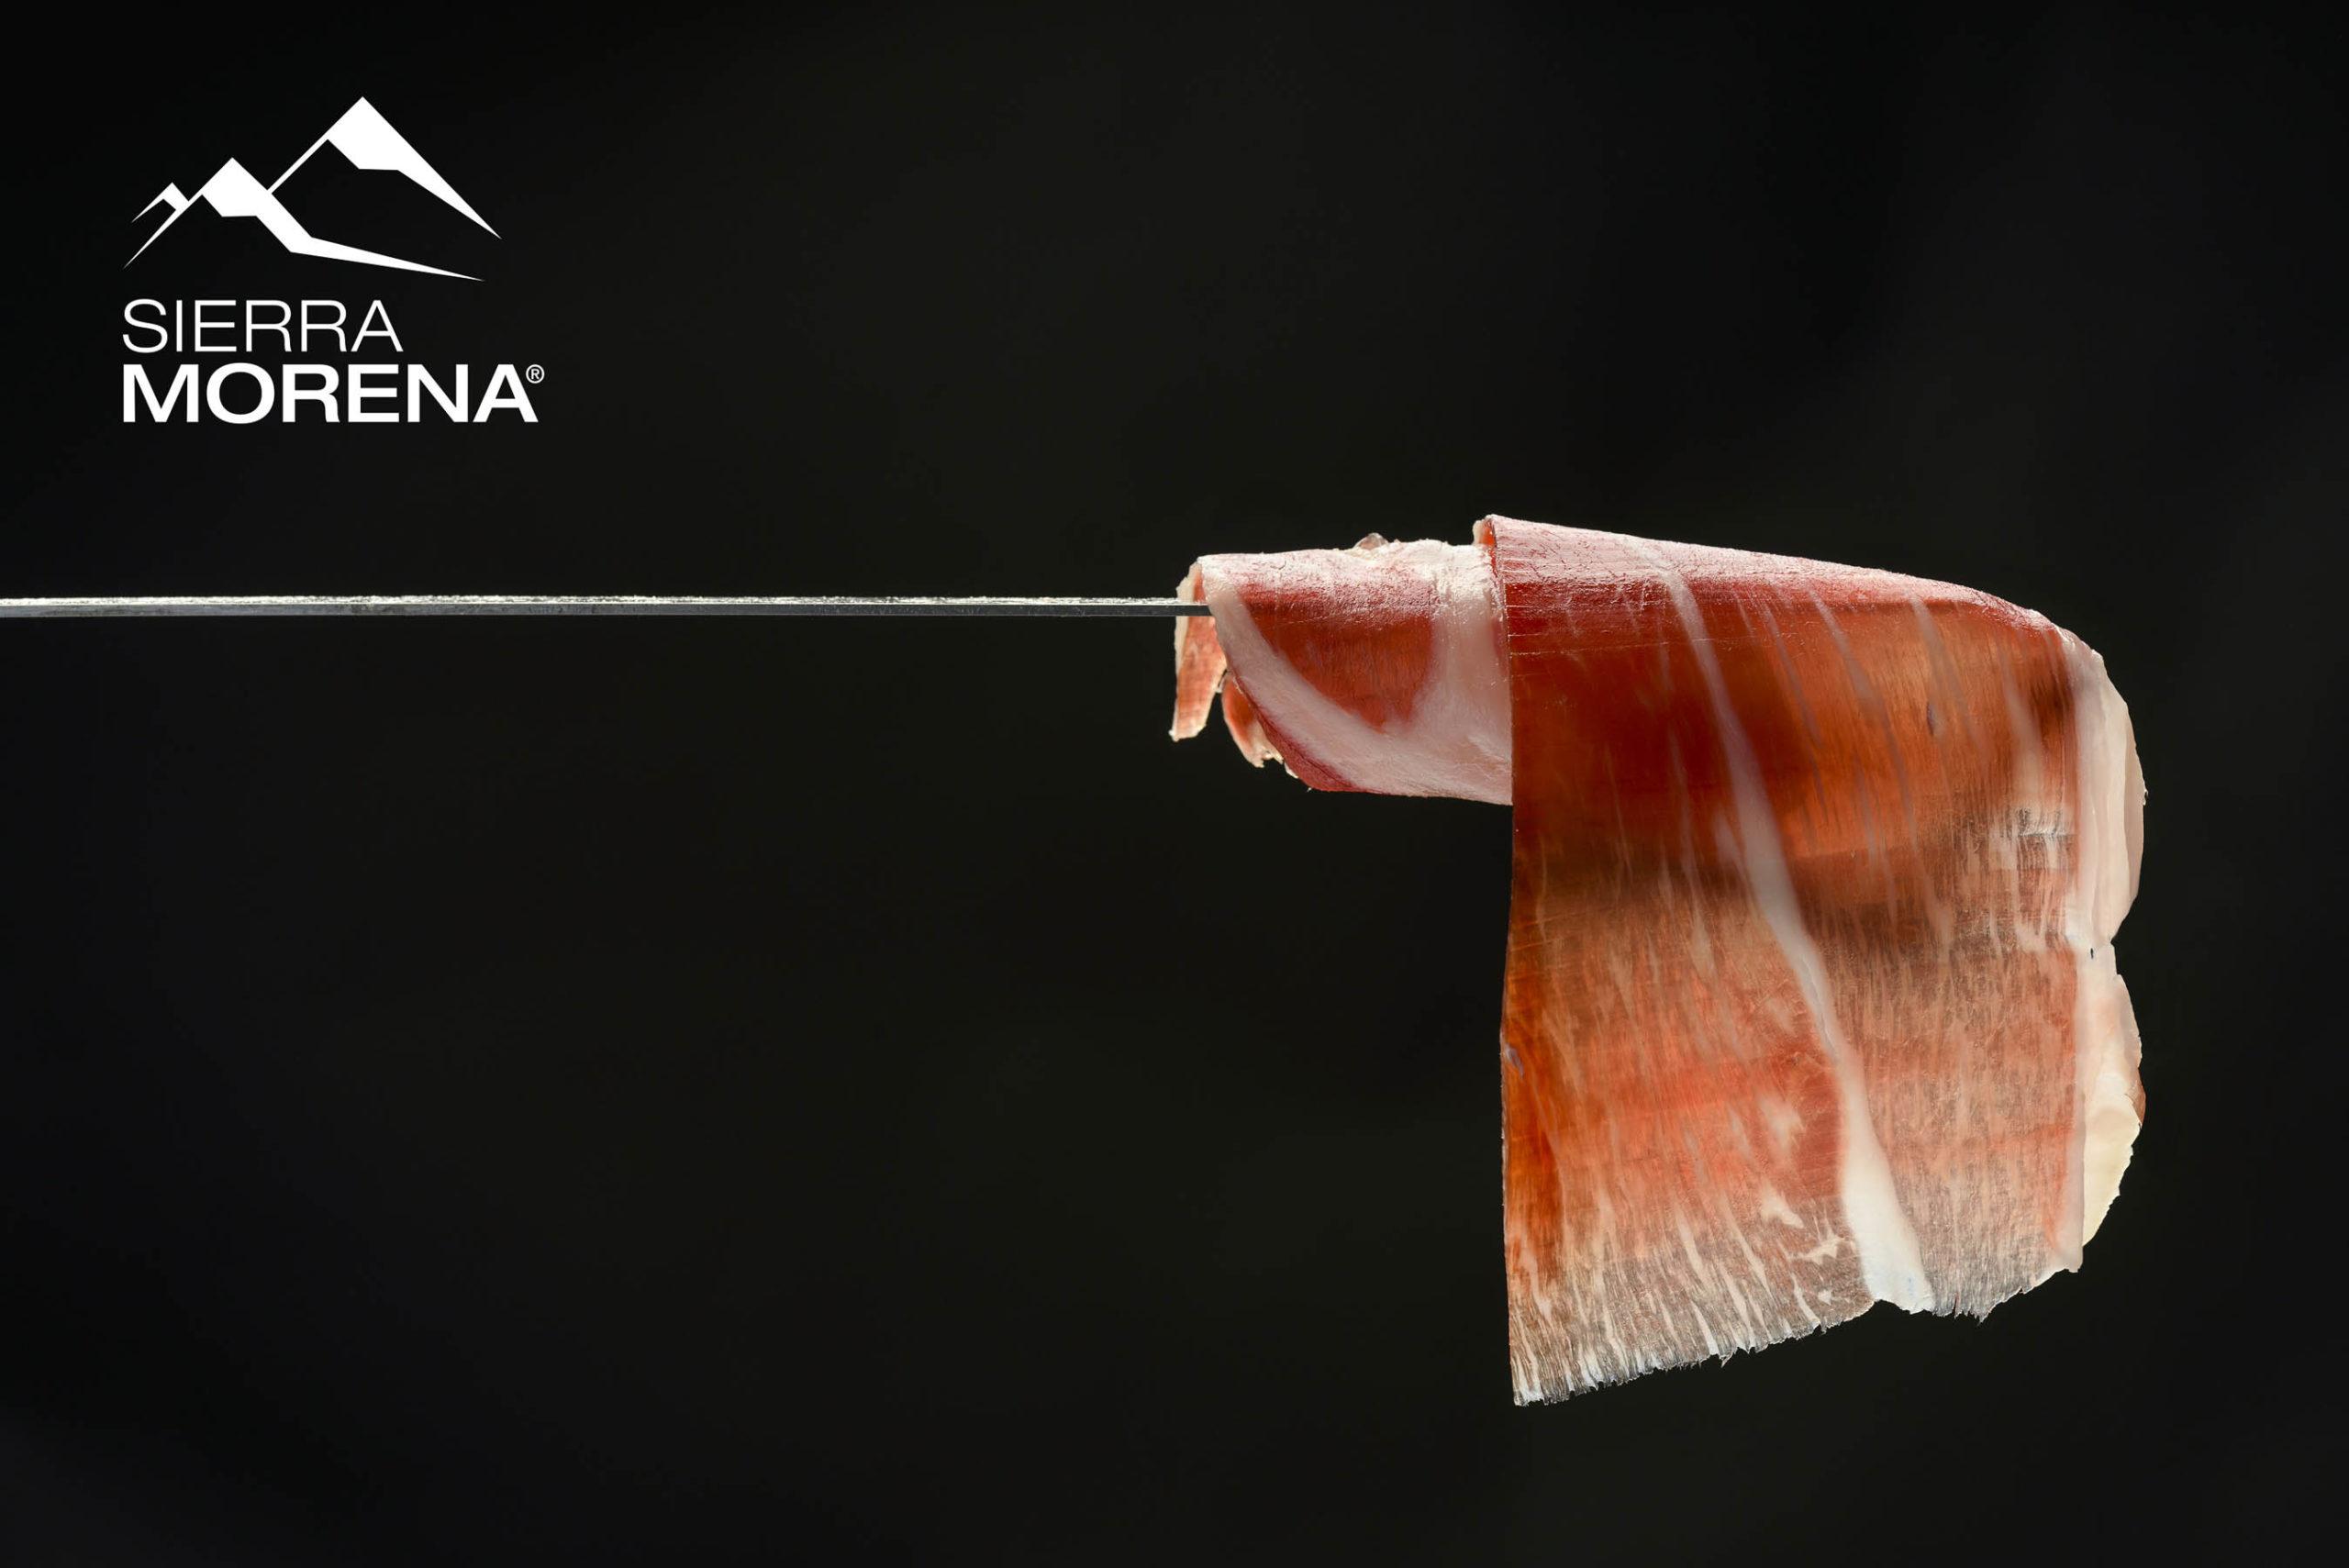 ramon-vaquero_alimentacion_sierramorena-14